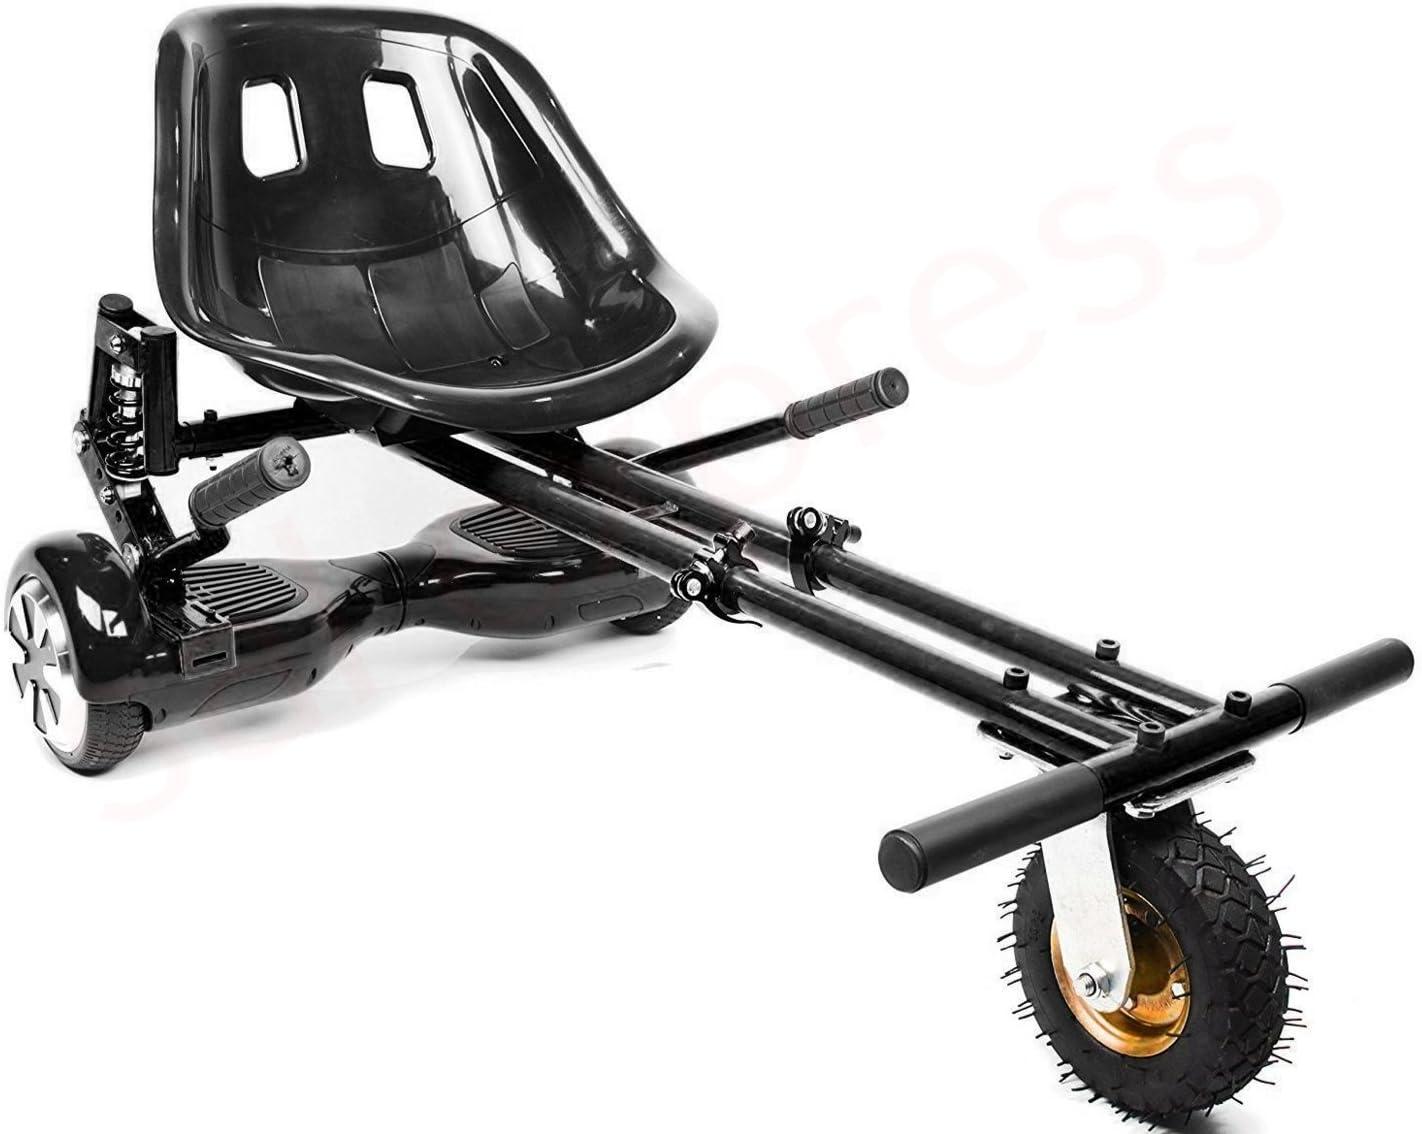 enyaa 2018 Modelo Ajustable Hoverkart con suspensi/ón para 6,5 8 10 Pulgadas Hoverboard Accesorios Smart Electric Scooter Go Karting Kart para Adultos ni/ños /último Modelo m/ás Seguro con suspensi/ón